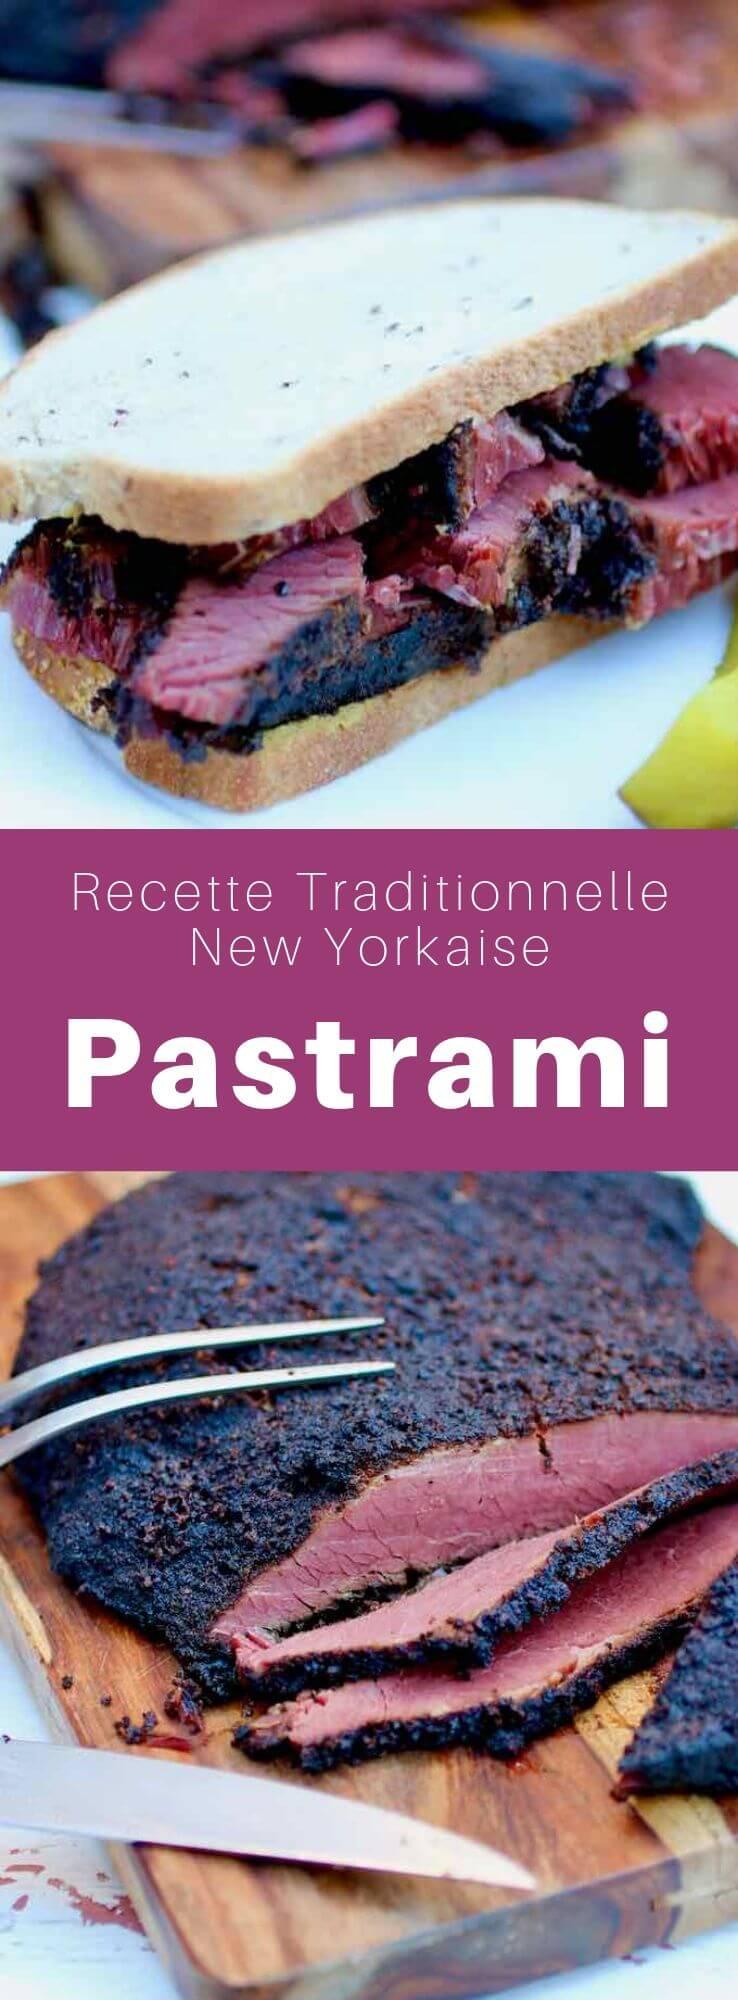 Le pastrami est une préparation de bœuf fumé, préparée à partir de morceaux de poitrine, qui est d'abord saumuré, puis fumé et finalement cuit à la vapeur. #RecetteAmericaine #CuisineAmericaine #CuisineDuMonde #RecetteJuive #CuisineJuive #196flavors